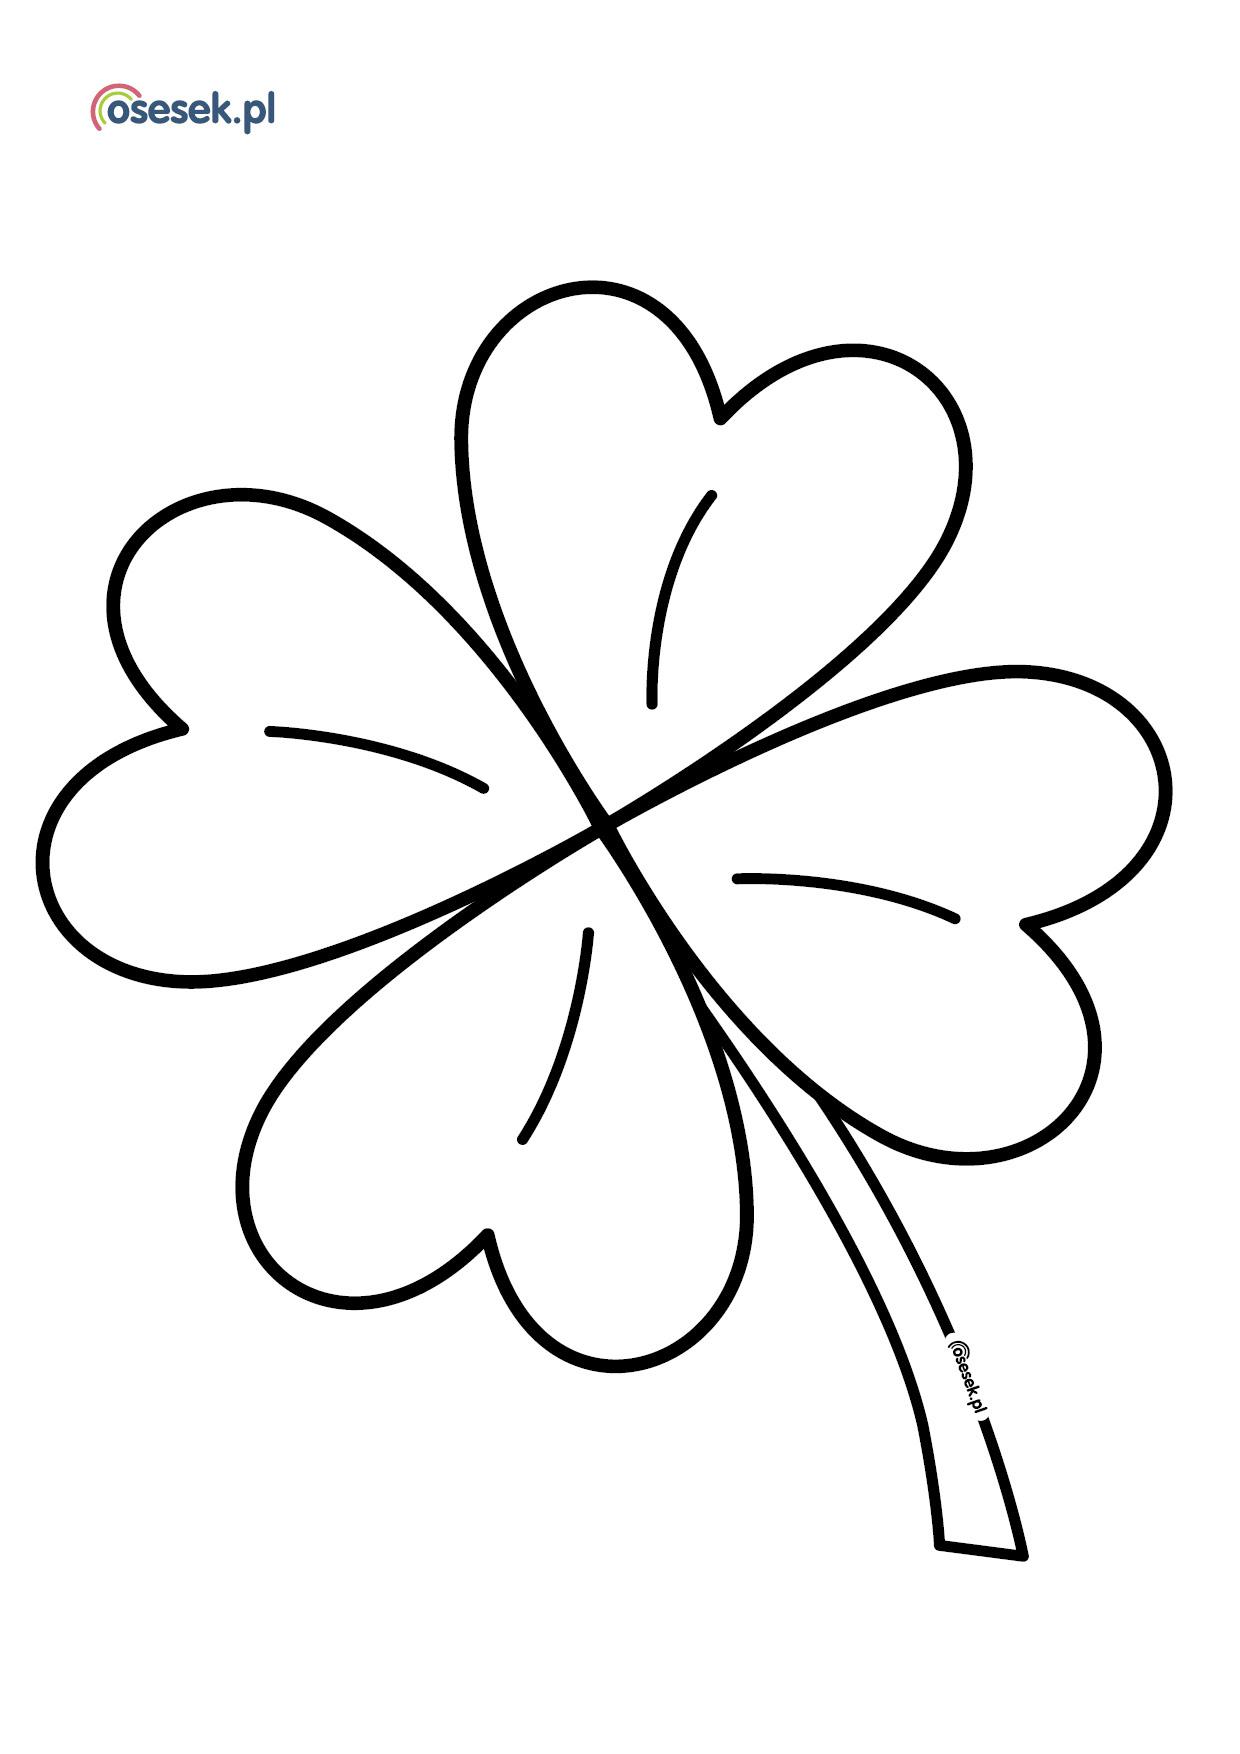 Mothers Day Flower Czterolistna Konieczyna Kolorowanka Dla Dzieci Do Druku